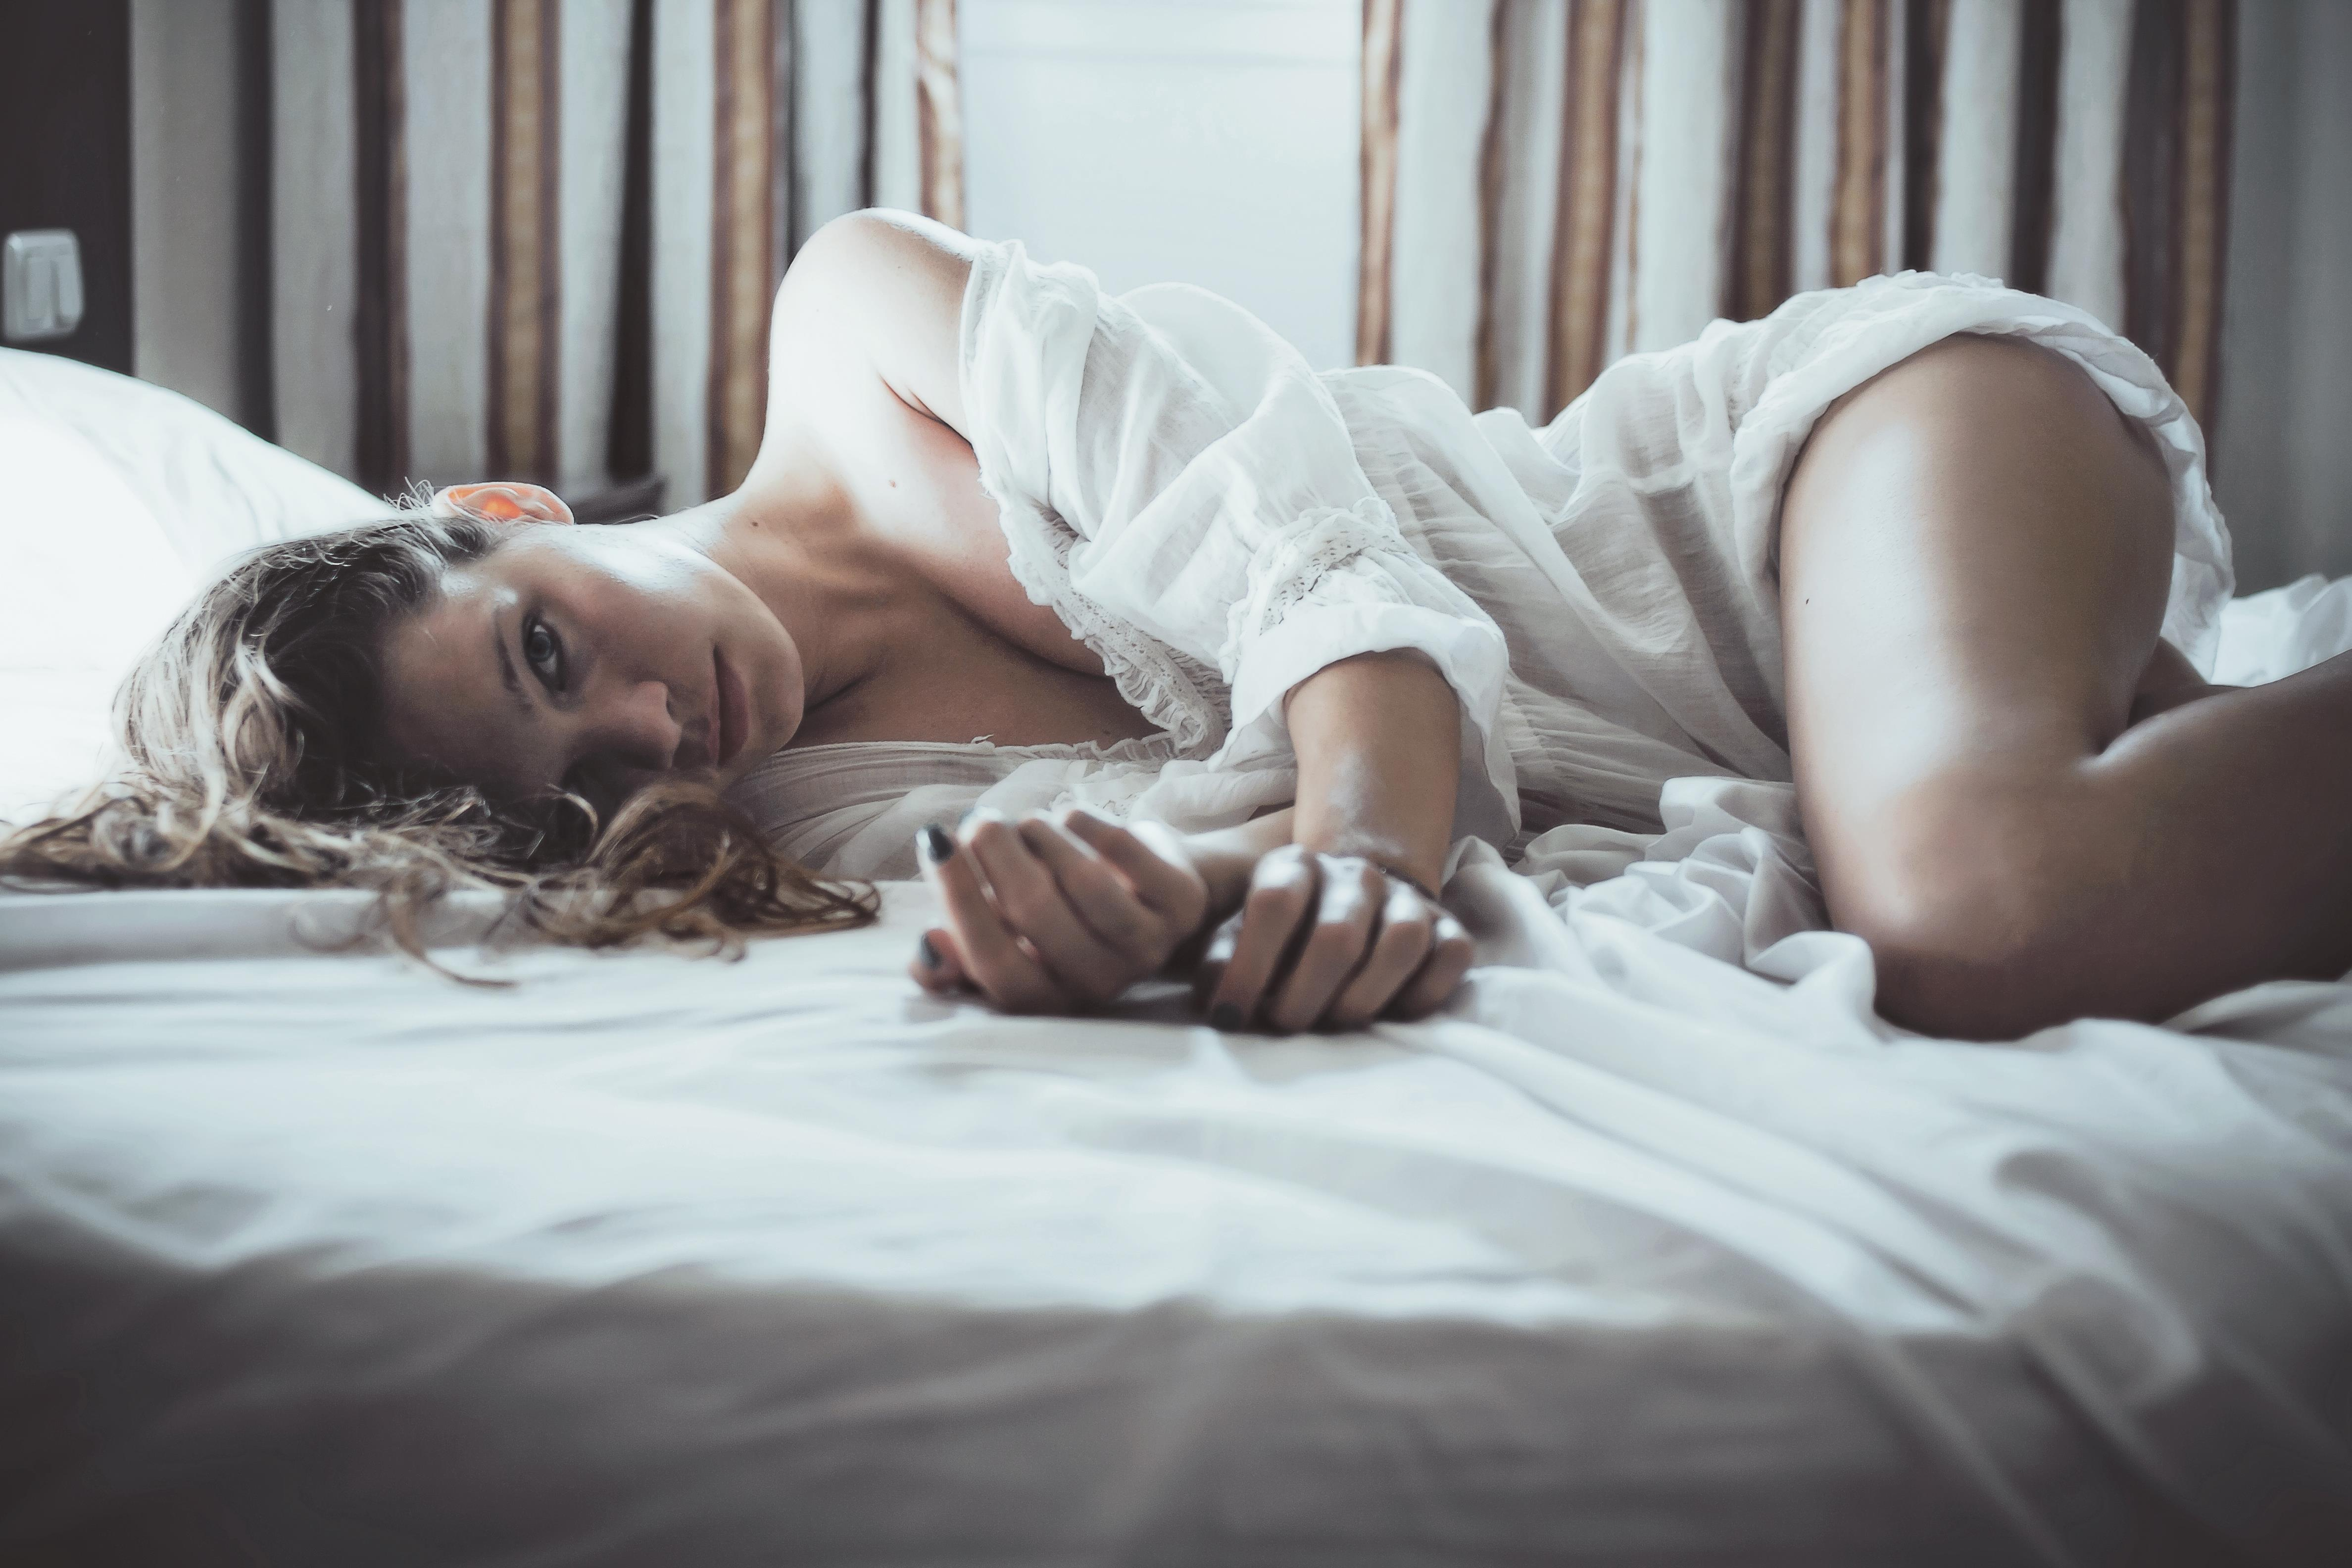 Filmy erotyczne kobiet w średnim wieku